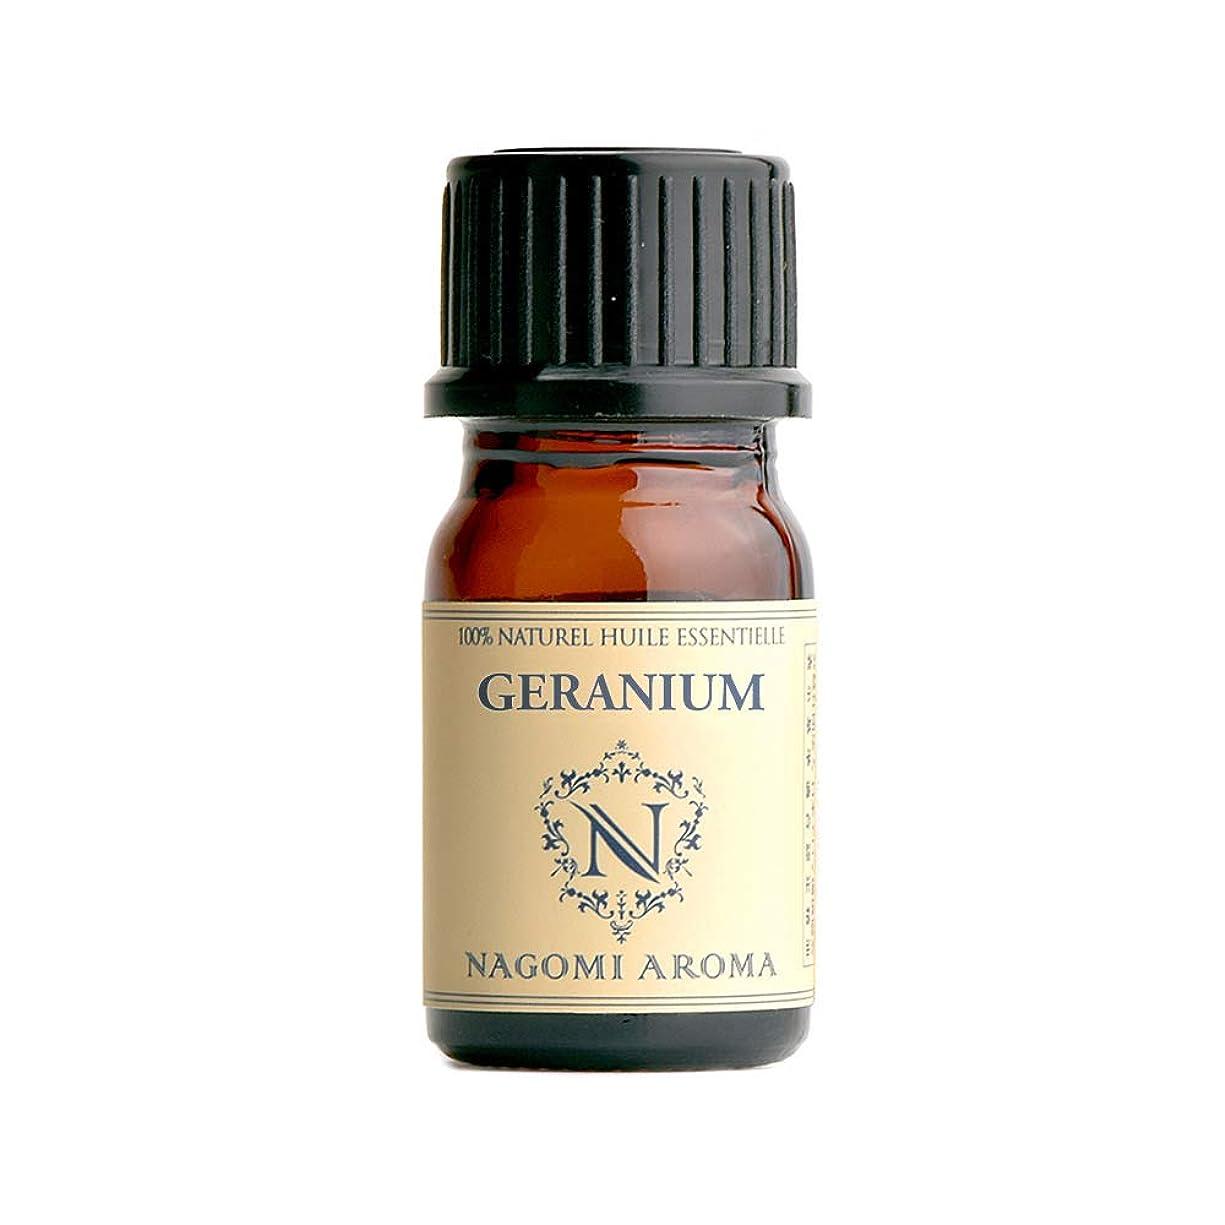 であることお香見つけた【AEAJ認定表示基準認定精油】NAGOMI PURE ゼラニウム 5ml 【エッセンシャルオイル】【精油】【アロマオイル】|CONVOIL